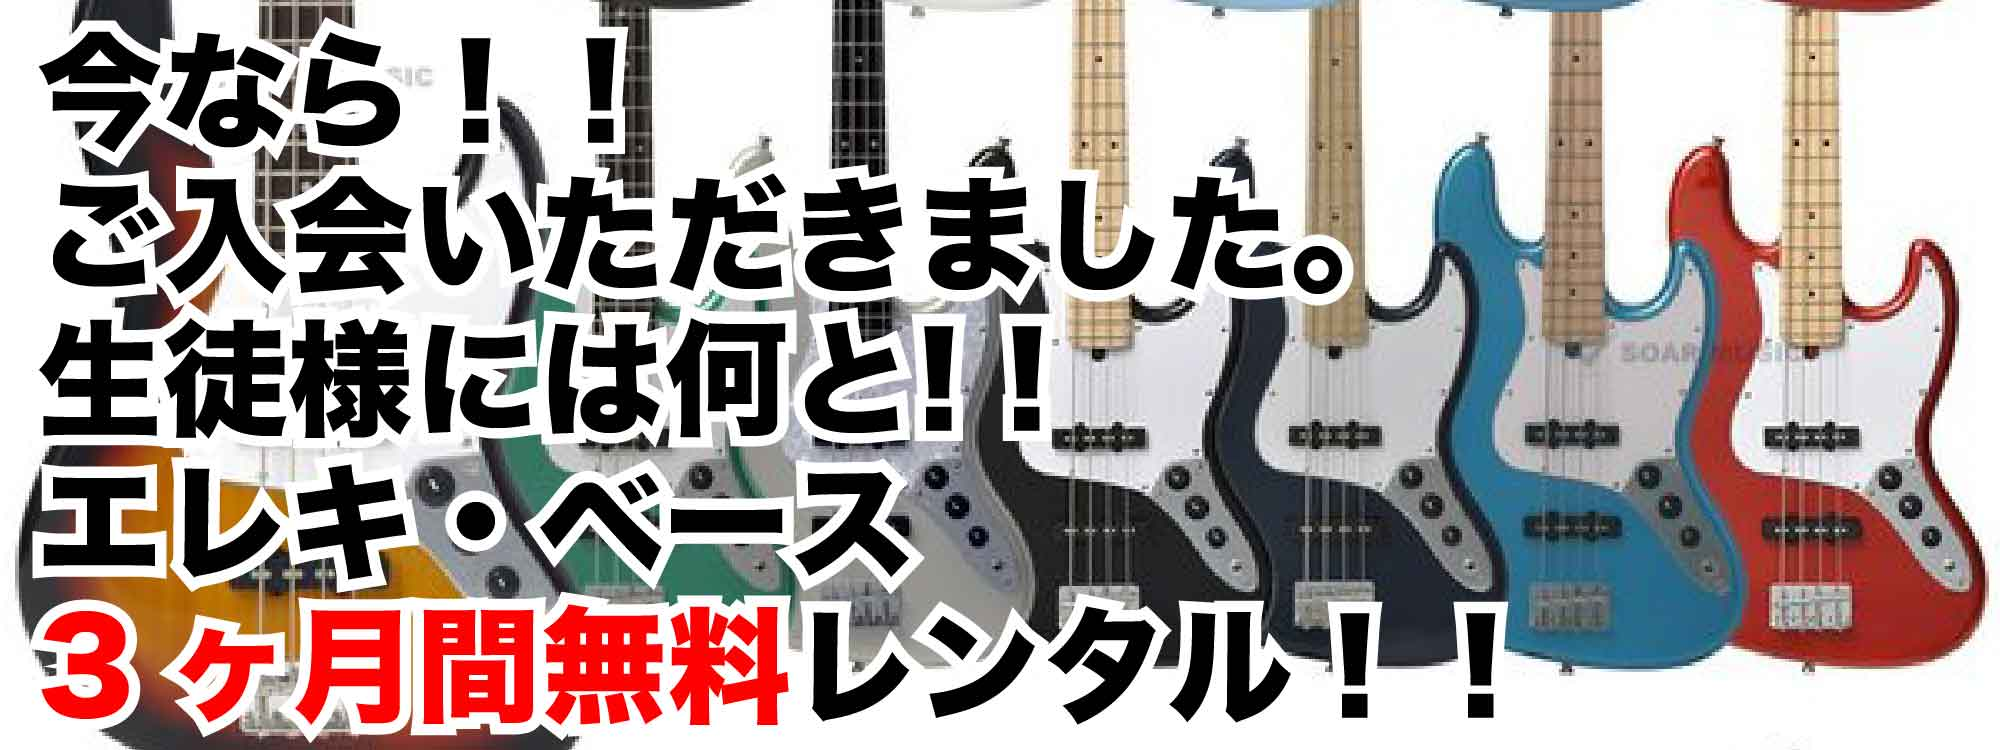 今ならご入会の方にのみエレキベース3ヶ月無料レンタル(feelギター教室 西東京市田無校)